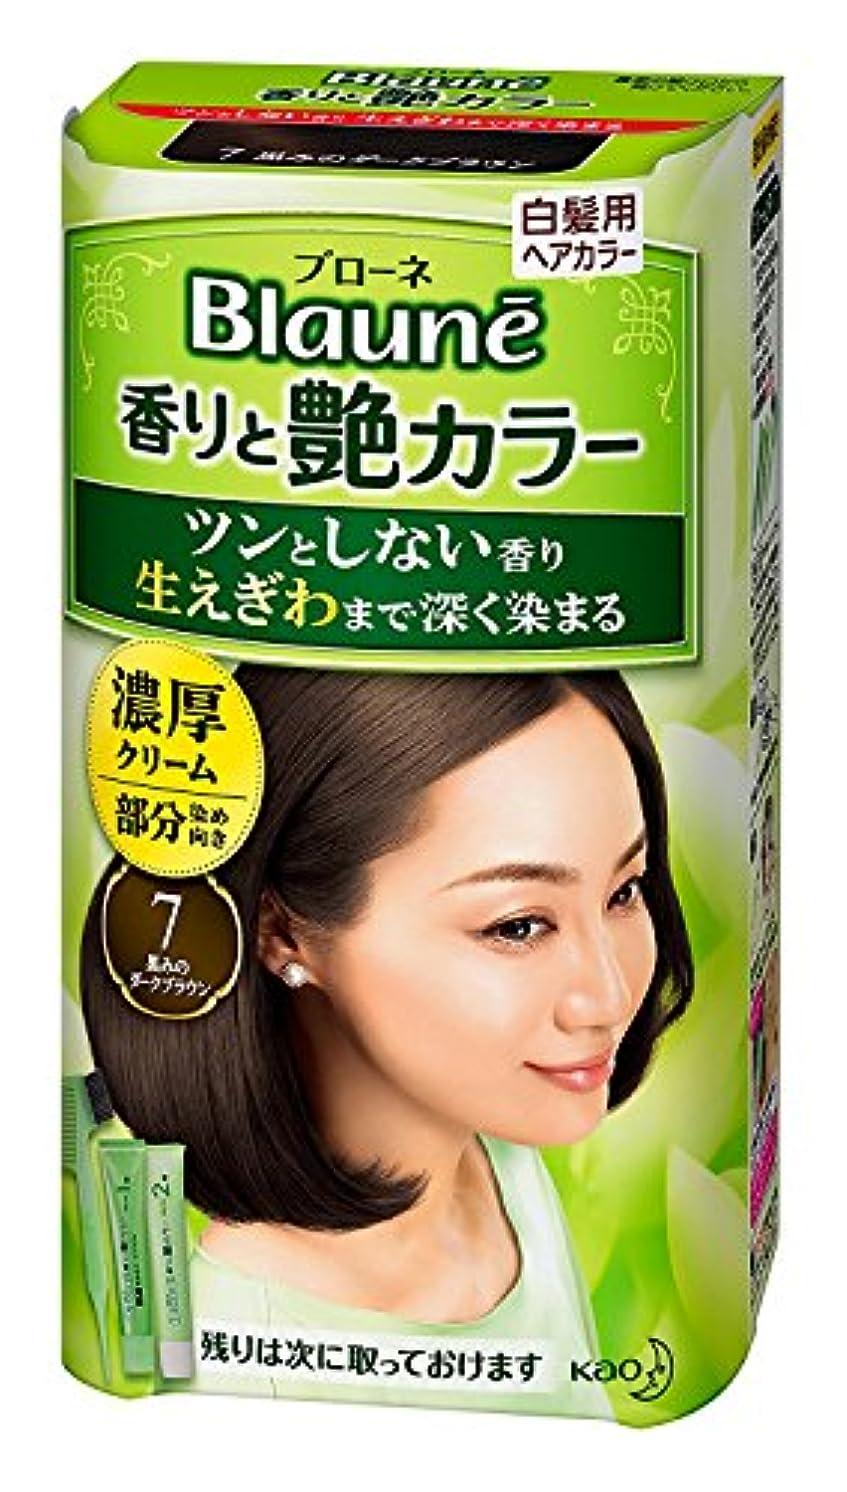 反応するかなりのテーマ【花王】ブローネ香りと艶カラークリーム 7 80g ×10個セット